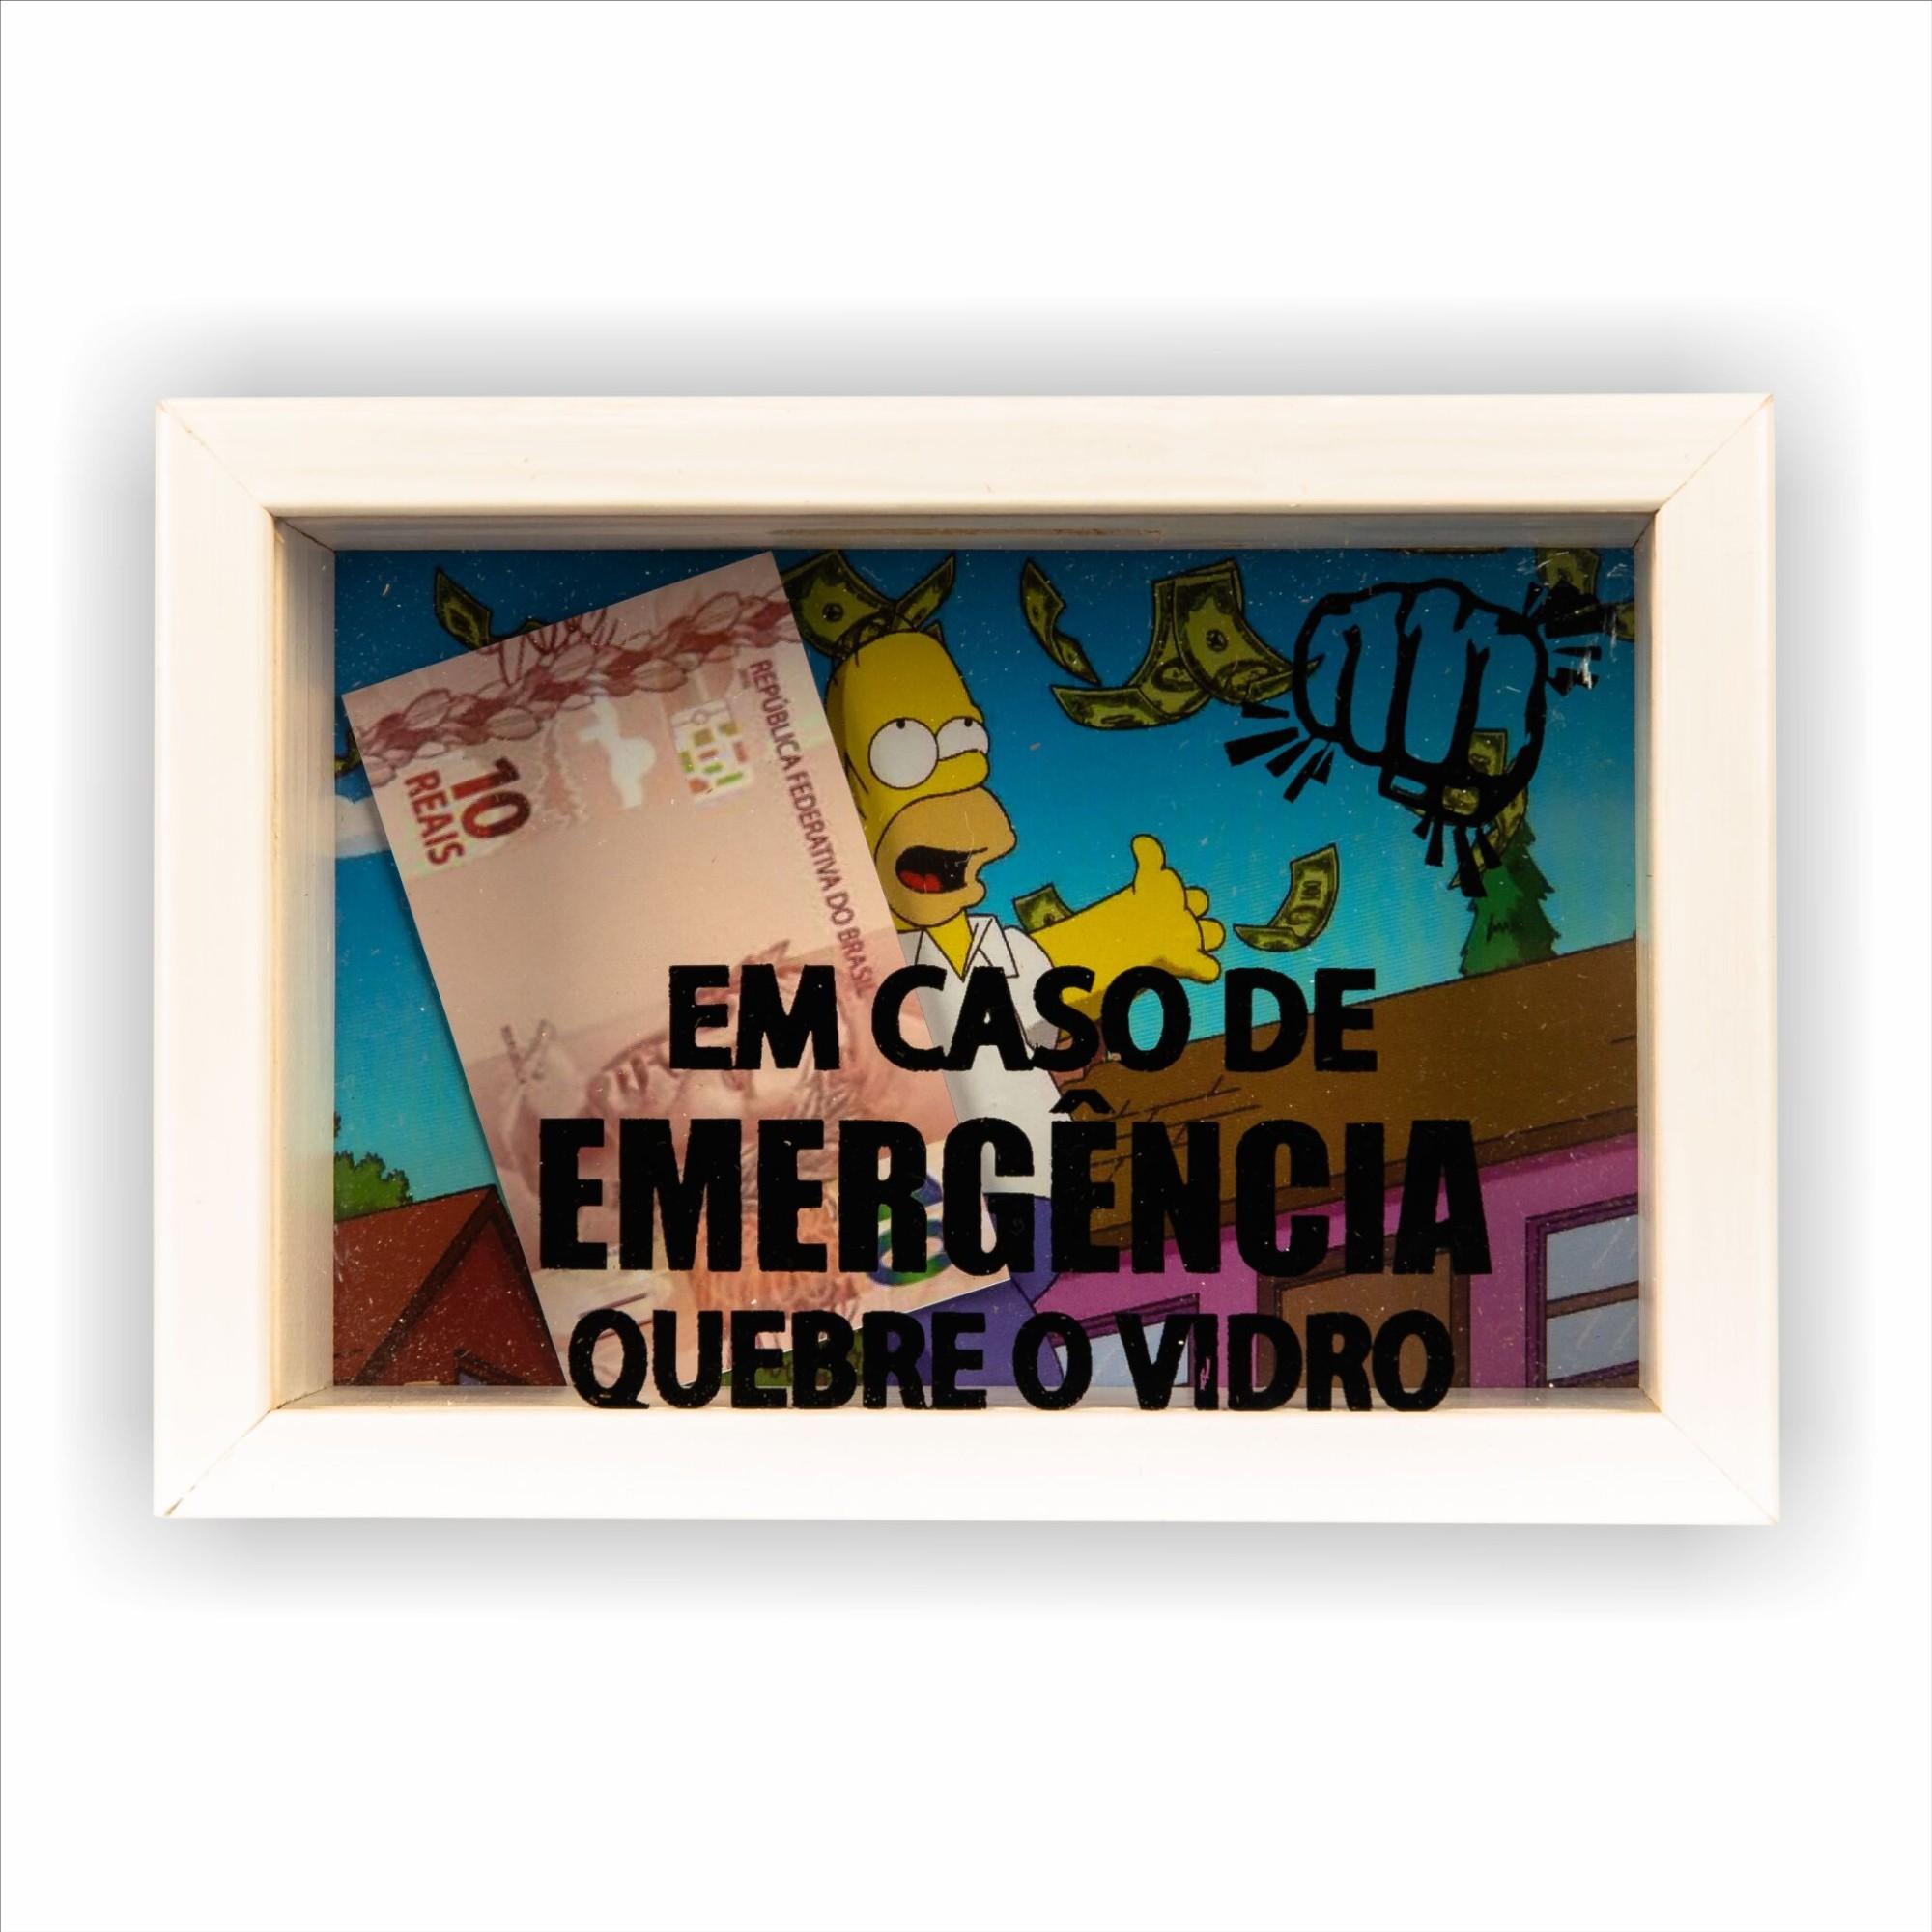 Quadro Porta-dinheiro 10x15 cm Em Caso de Emergencia Quebre o Vidro 8244 - Art Frame